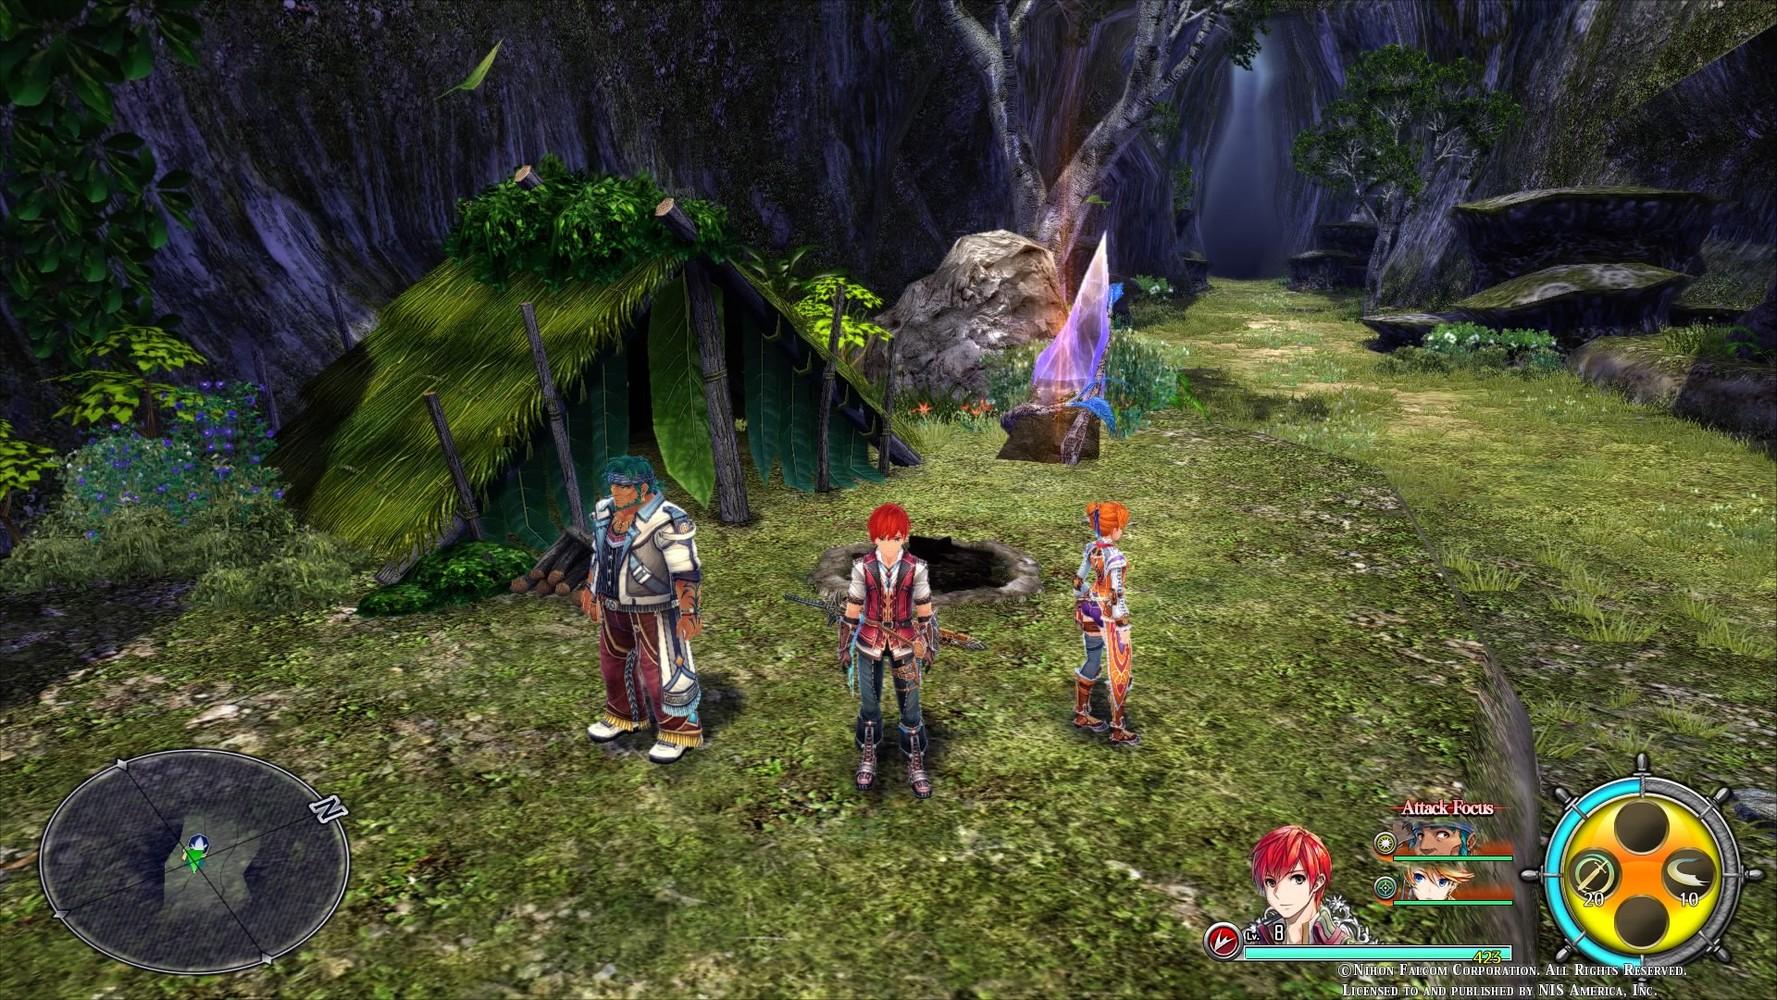 La demo di Ys VIII: Lacrimosa of Dana è disponibile per PS4